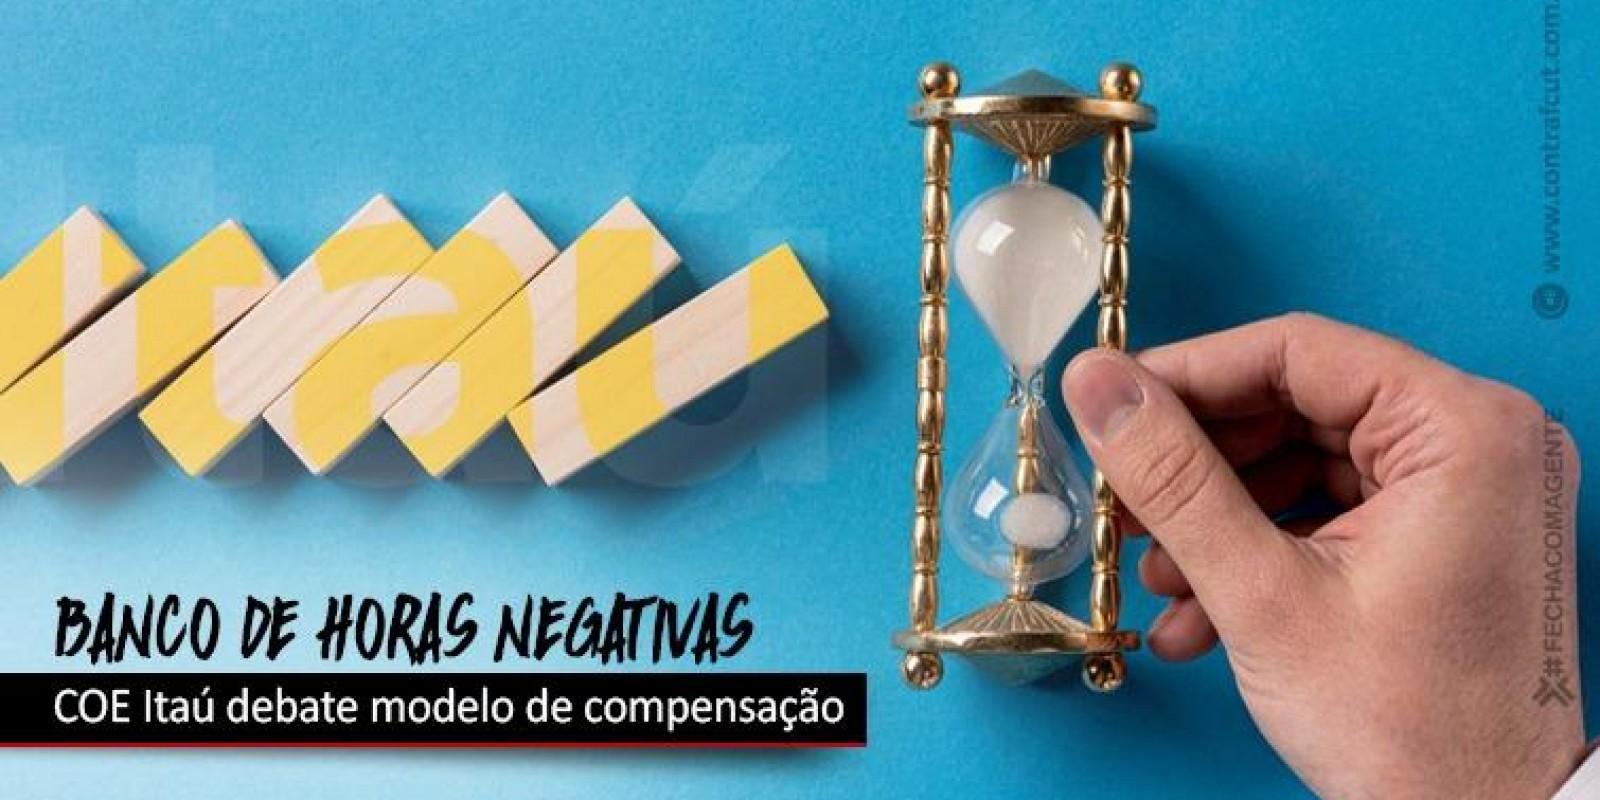 COE Itaú discute compensação de horas negativas com o banco